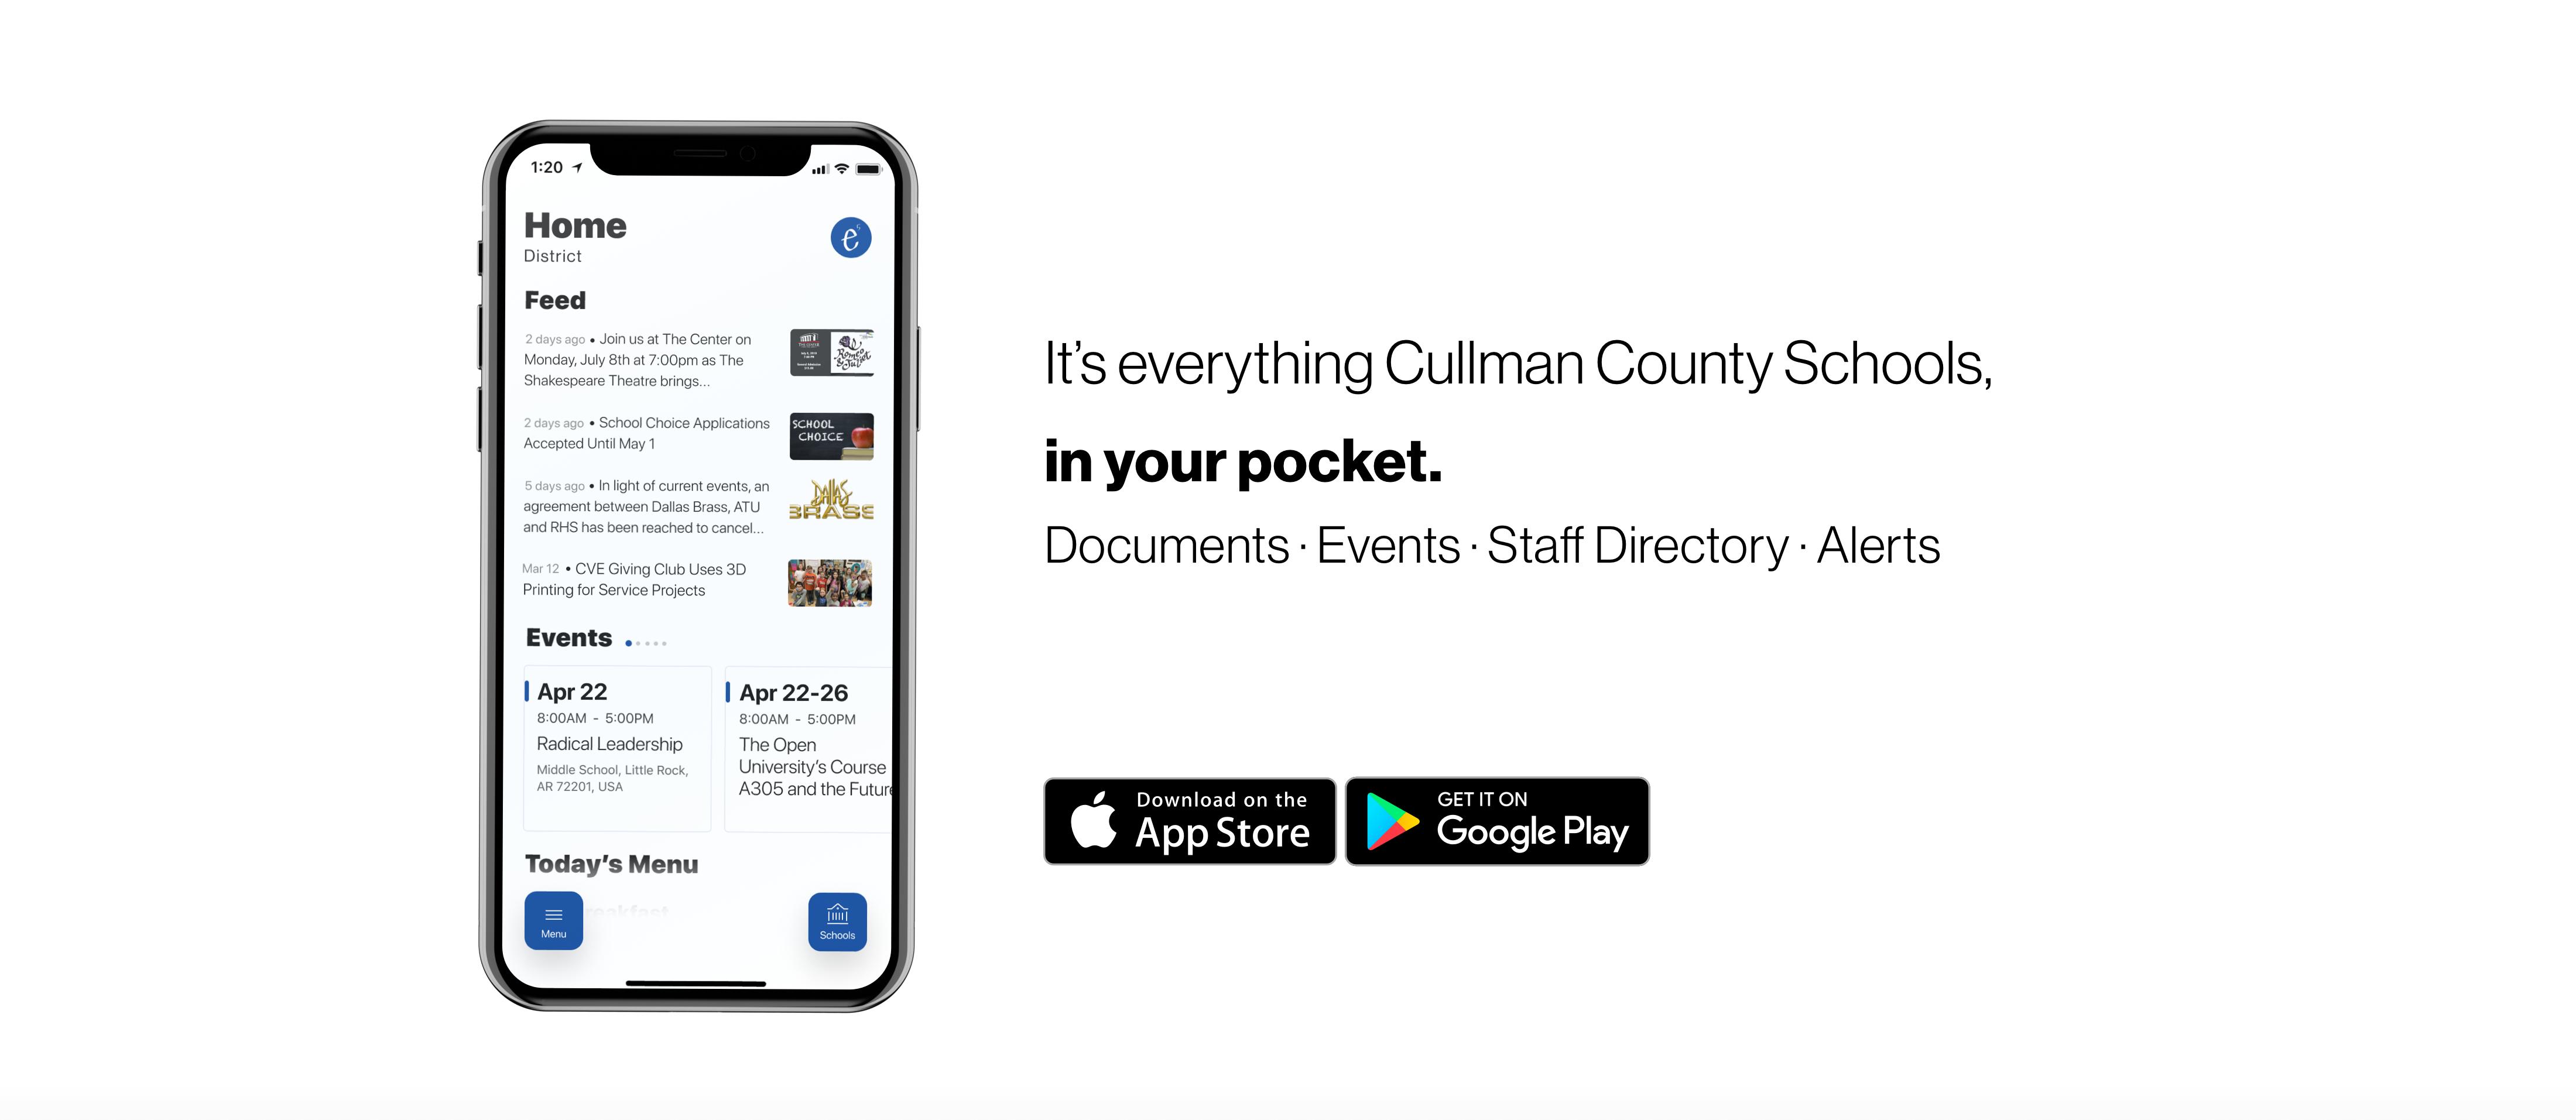 Cullman County Schools App Image